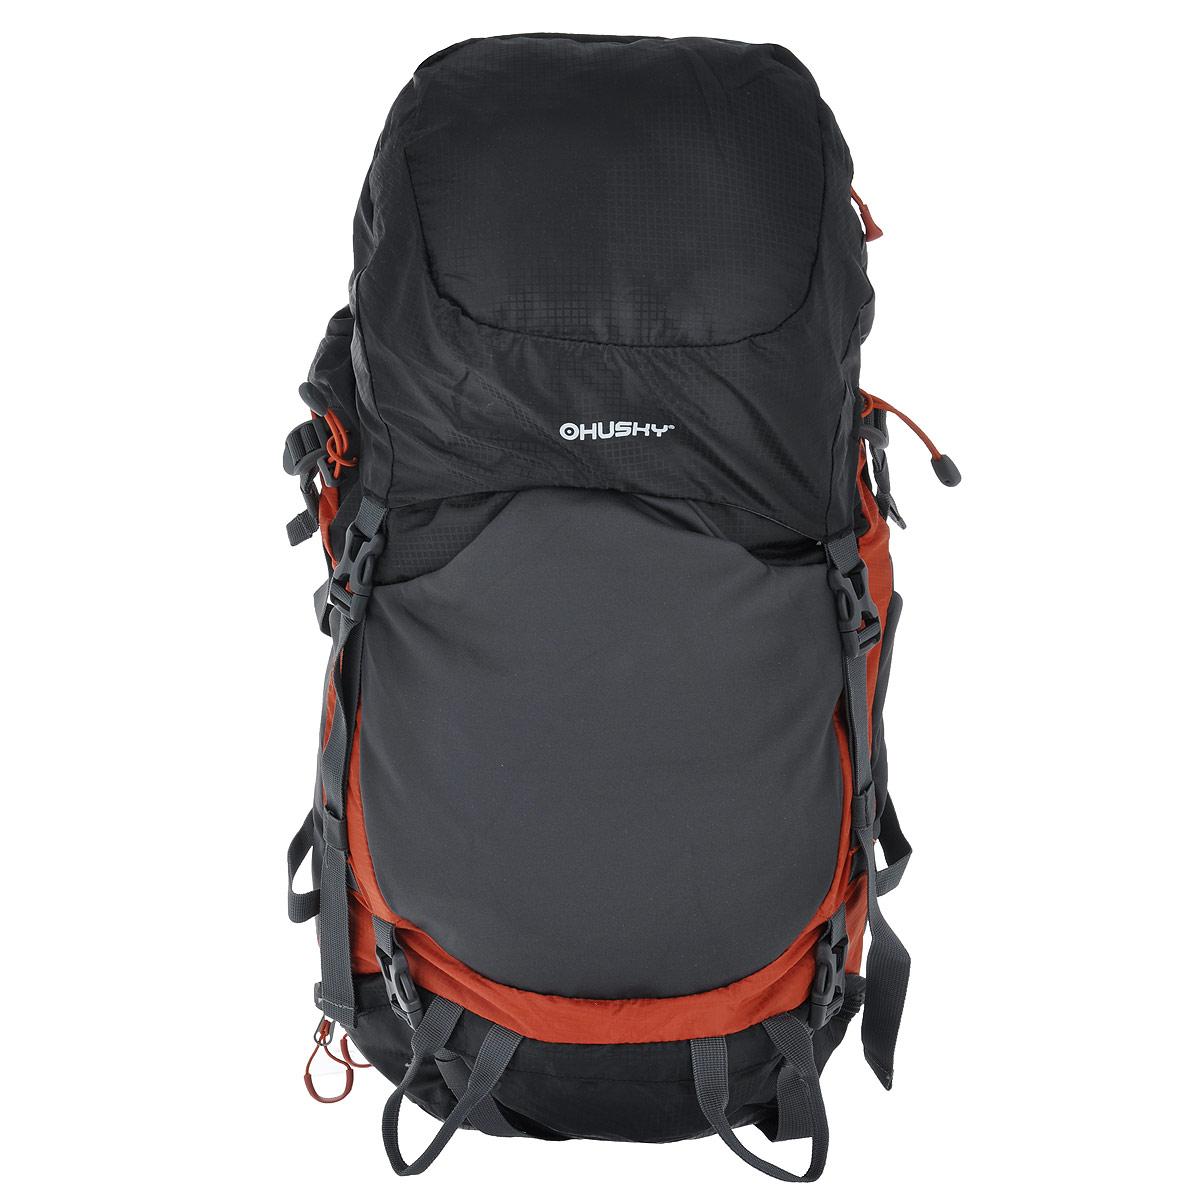 Рюкзак туристический Husky Menic, цвет: черный, серый, оранжевый, 50 лNFL-40210Рюкзак Husky Menic - незаменимый атрибут туриста! Он выполнен из водонепроницаемого нейлона и оснащен светоотражательными элементами.С этим вместительным рюкзаком можно отправиться в любое путешествие. Его удобно носить за плечами благодаря широким лямкам, грудному ремню, ремню на поясе и жесткой спинке с дюралюминиевыми вставками и системой вентиляции спины ETS. Основное отделение имеет объем 50 л. Доступ к нему открывается сверху (закрывается затягивающимся шнурком, пластиковым карабином и капюшоном), снизу (замок на застежке-молнии и карабин) и сбоку (застежка-молния). Внутри главного отделения находится глубокий карман на застежке-молнии для гидратора.Сверху у рюкзака находится 1 карман на застежке-молнии (на капюшоне) с 2 сетчатыми карманами внутри. Капюшон соединяется с нижней частью рюкзака при помощи 2 пластиковых карабинов.На лицевой стороне расположен эластичный карман на резинке. По бокам рюкзака расположены 2 кармана на резинке. Также есть карман на застежке-молнии на поясе.На дне рюкзака находится карман с накидкой от дождя.Рюкзак Husky Menic - превосходный выбор для путешествия с комфортом. Вес: 1,68 кг.